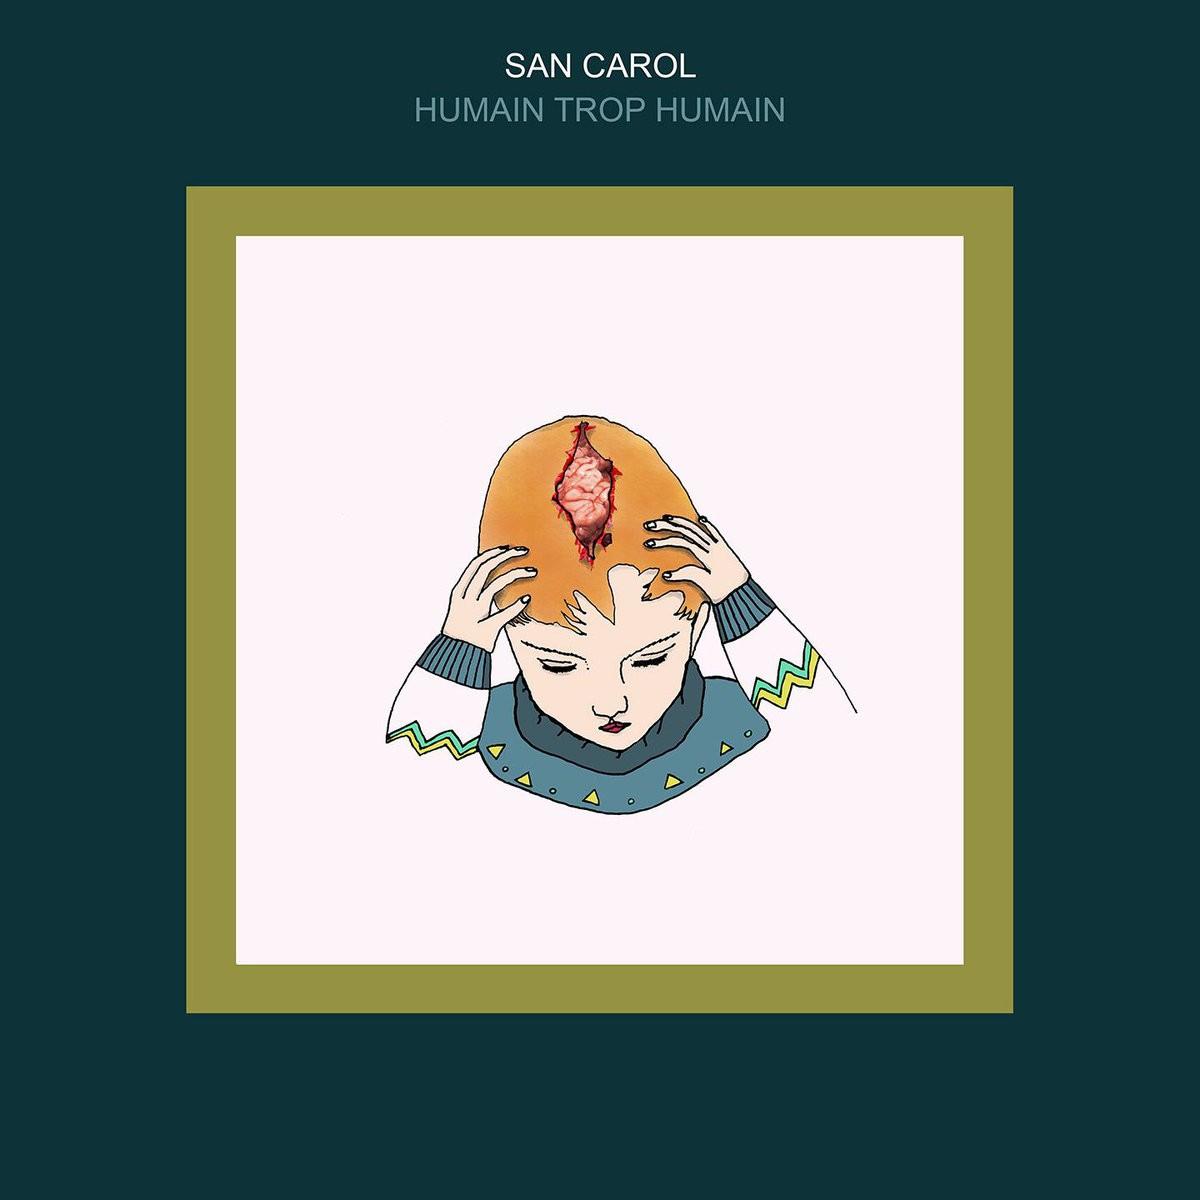 L'album de San Carol en intégralité sur Youtube